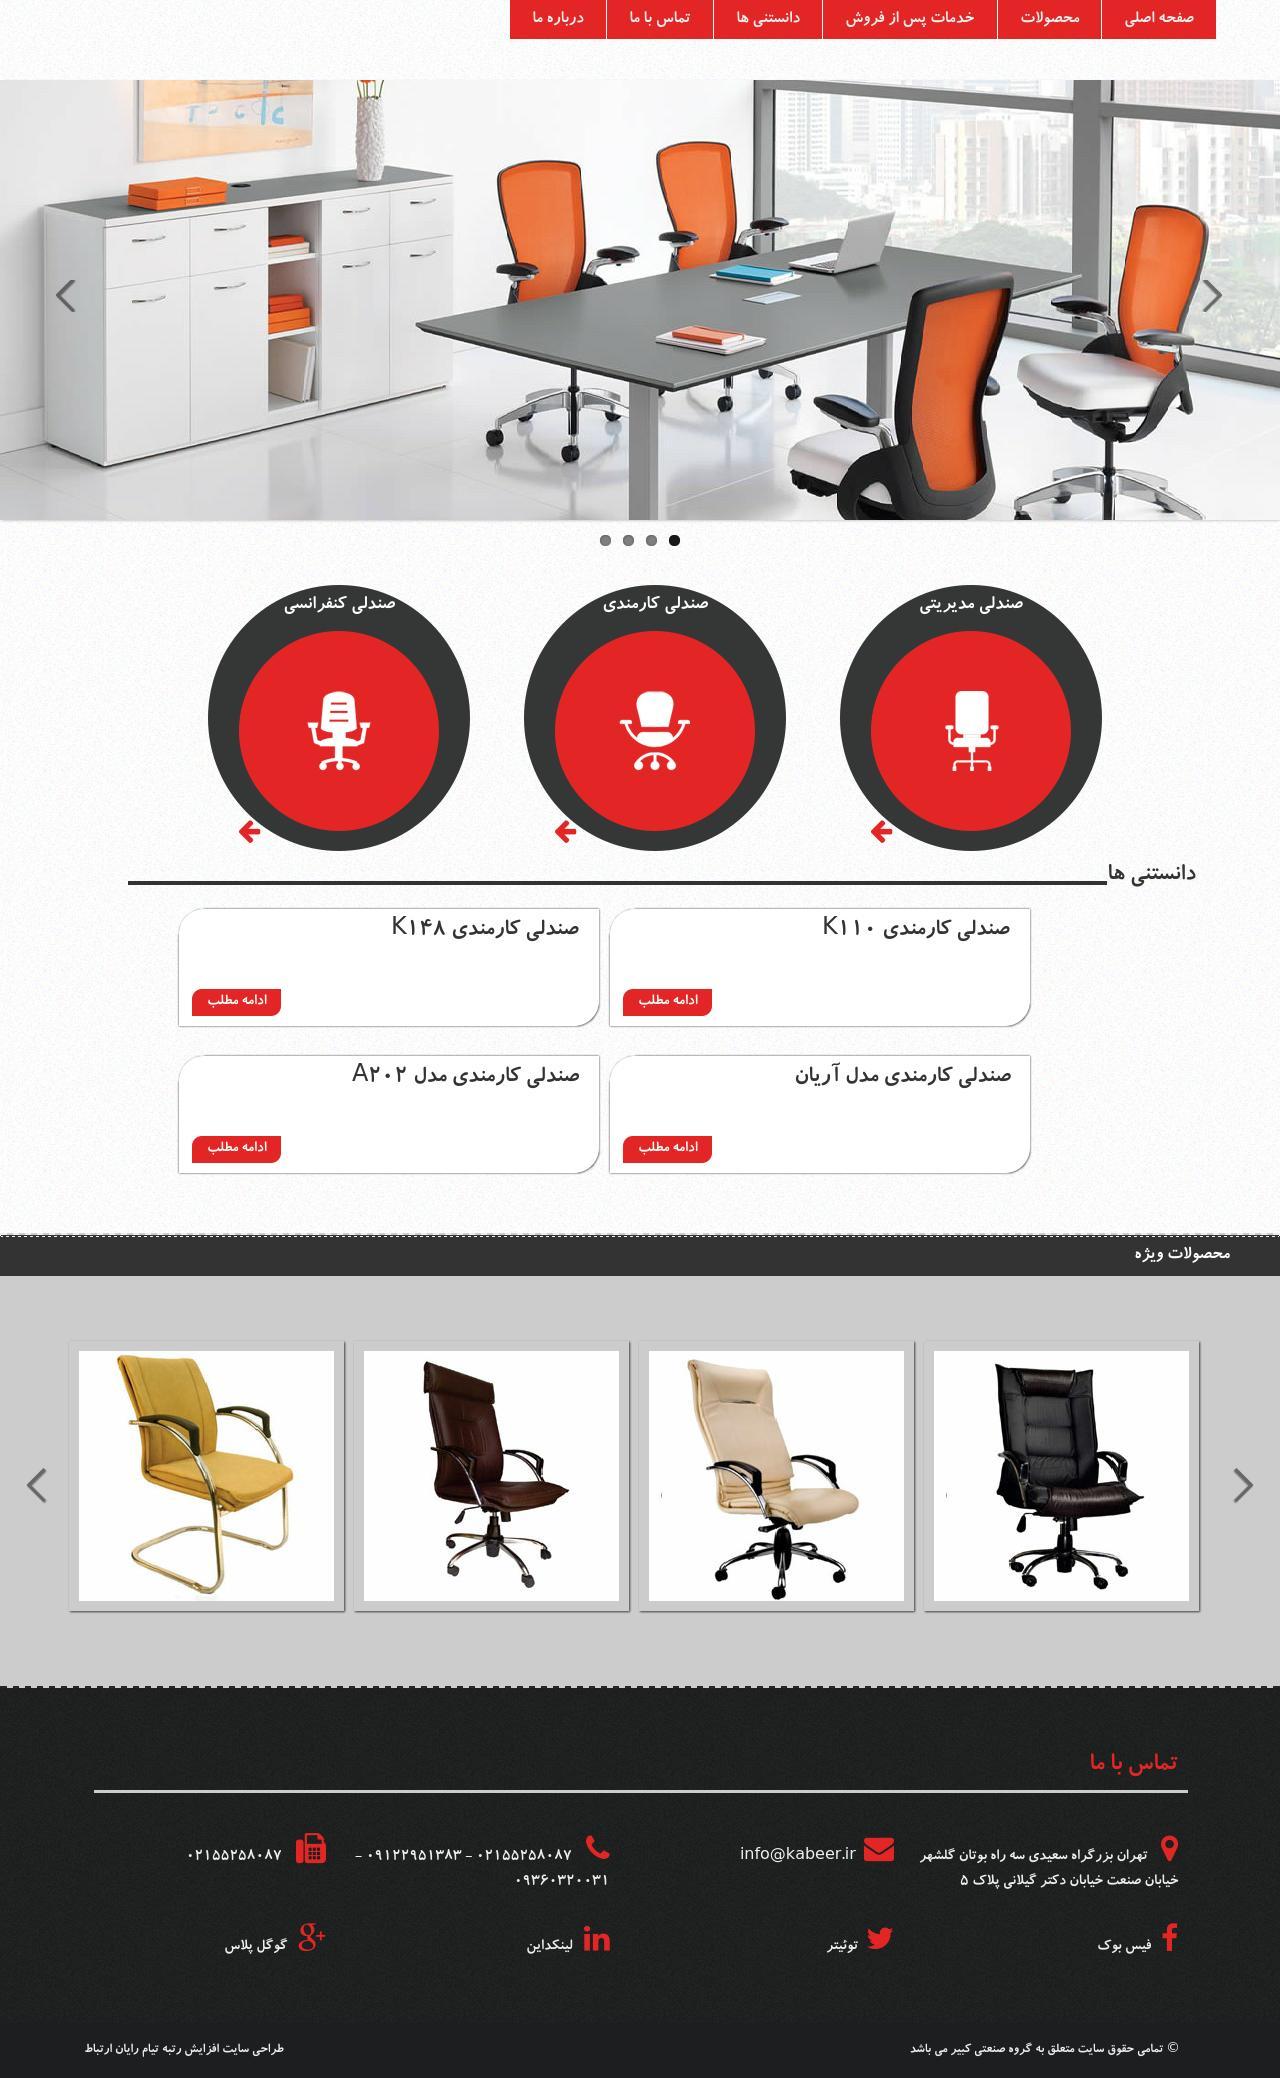 طراحی وب سایت و سئو کبیر تولید کننده صندلی اداری